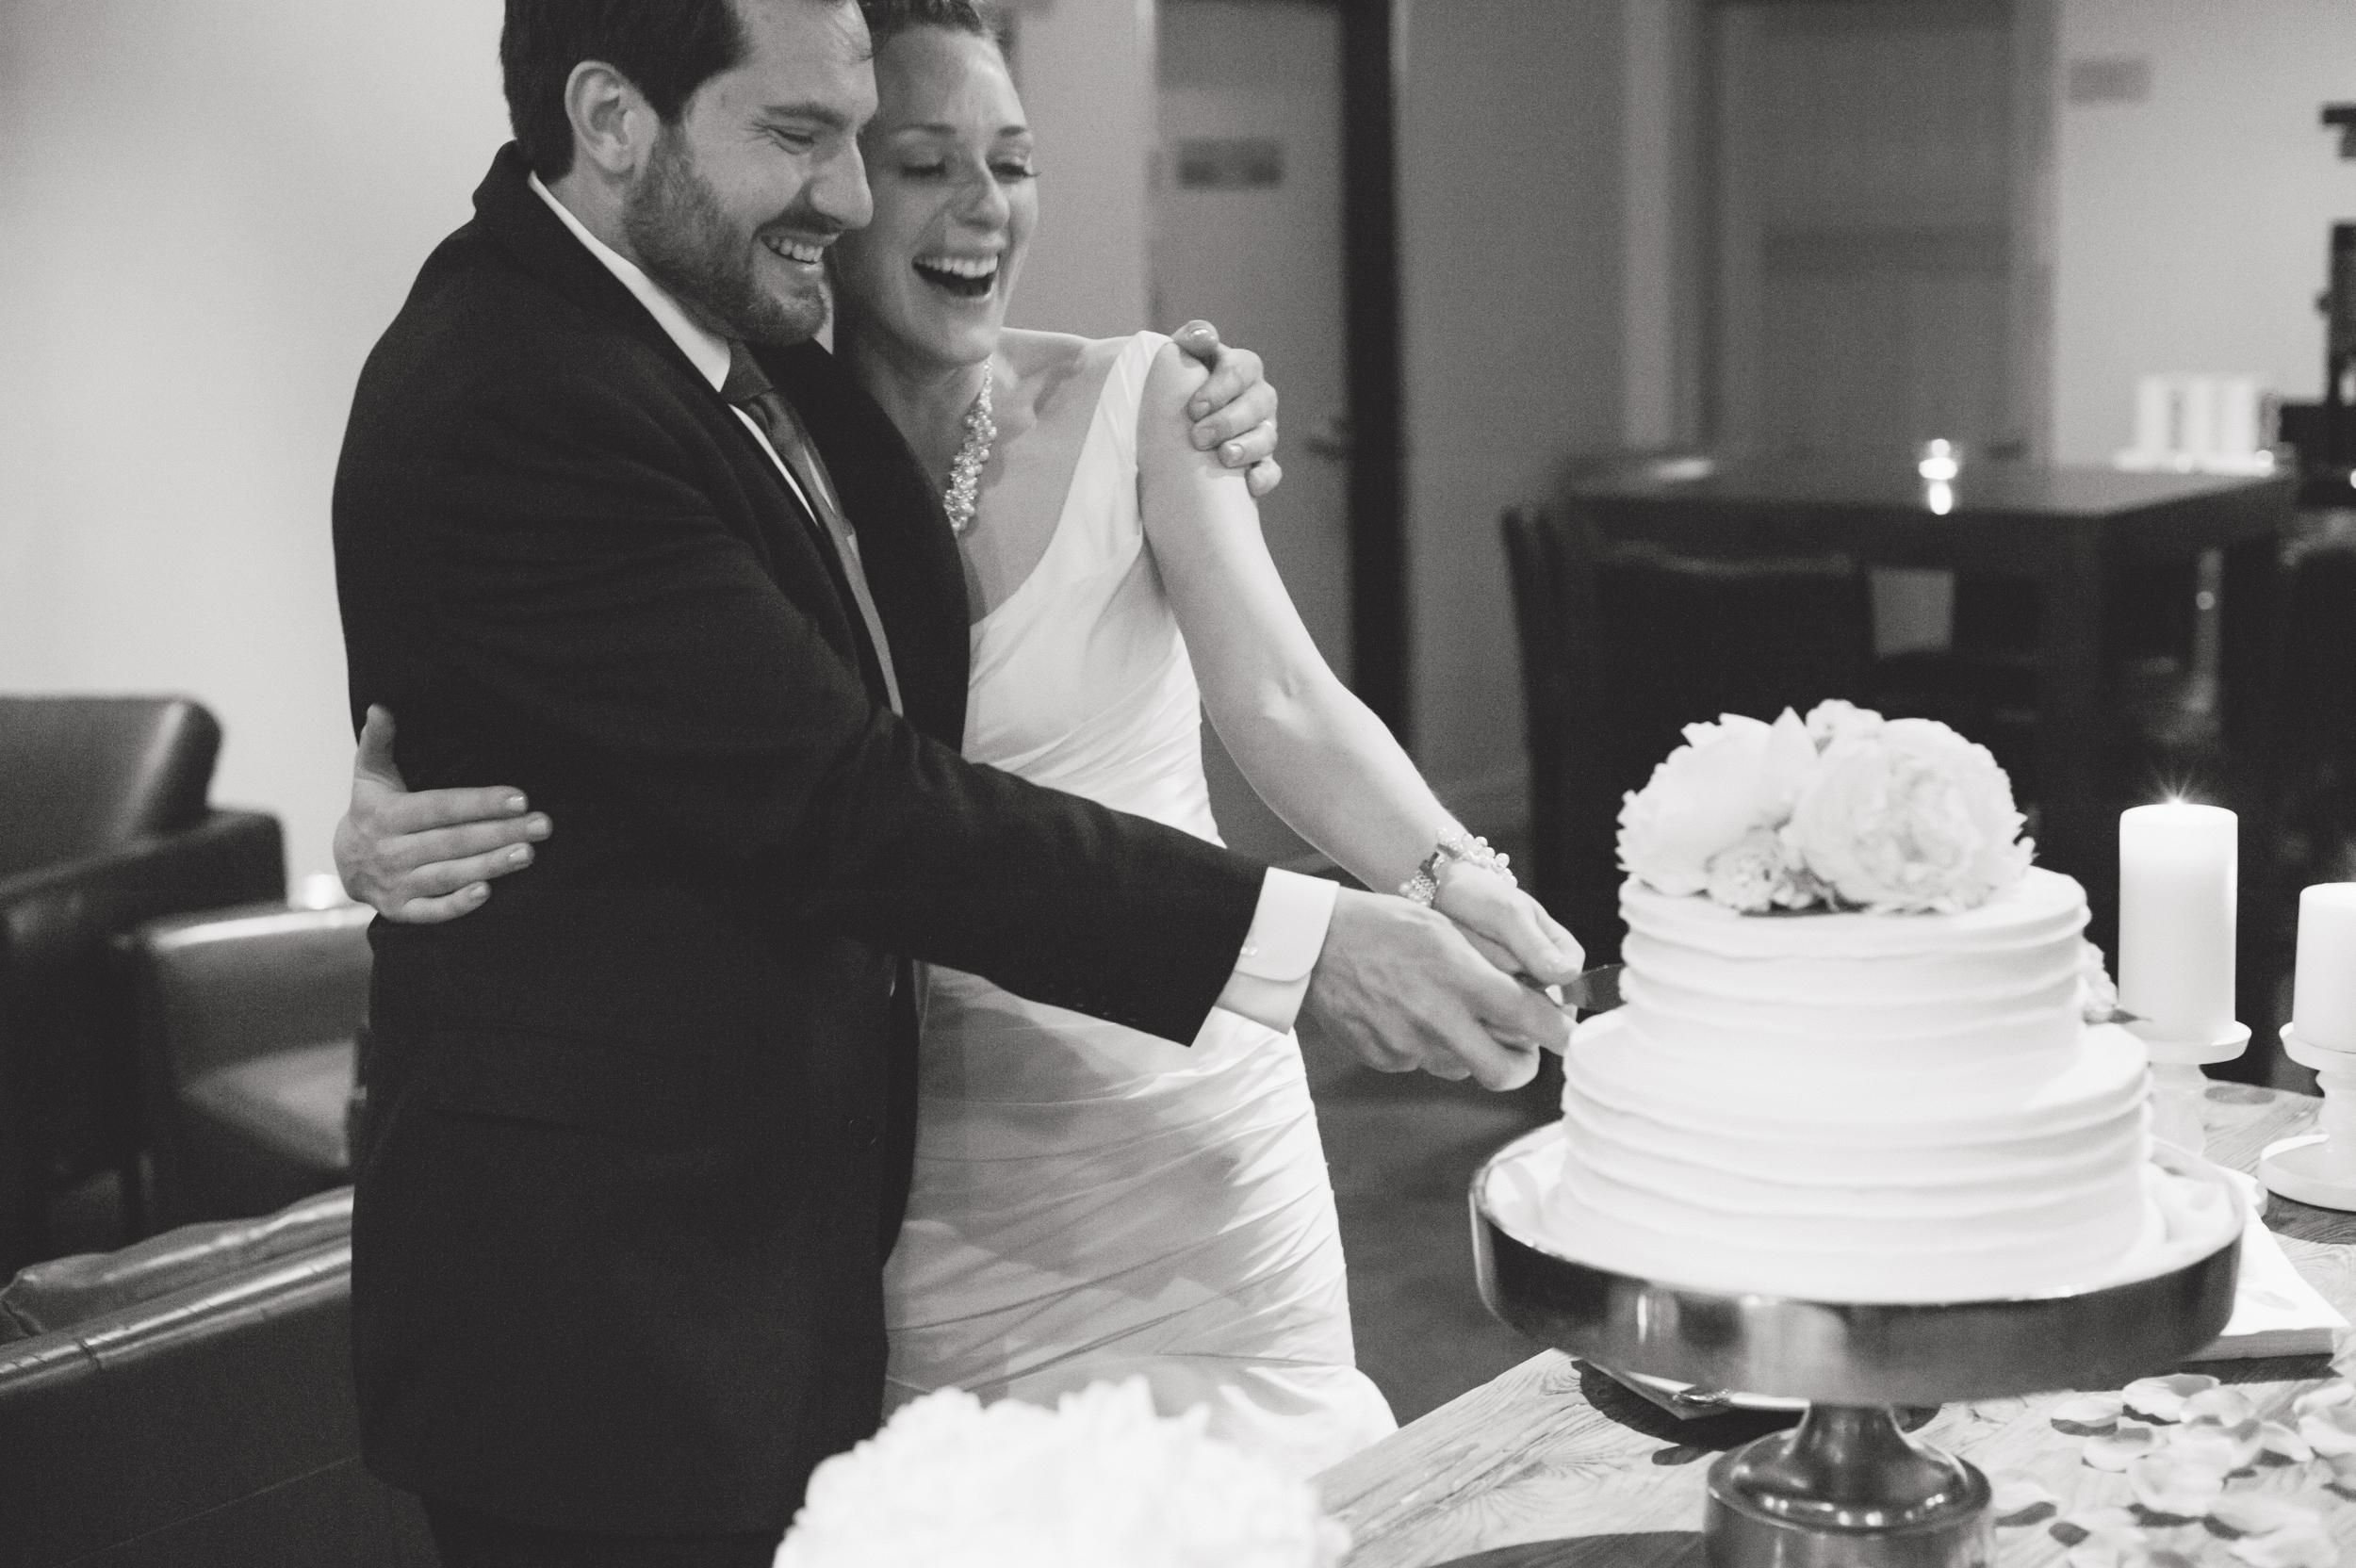 Andrew and Kristen-346.jpg